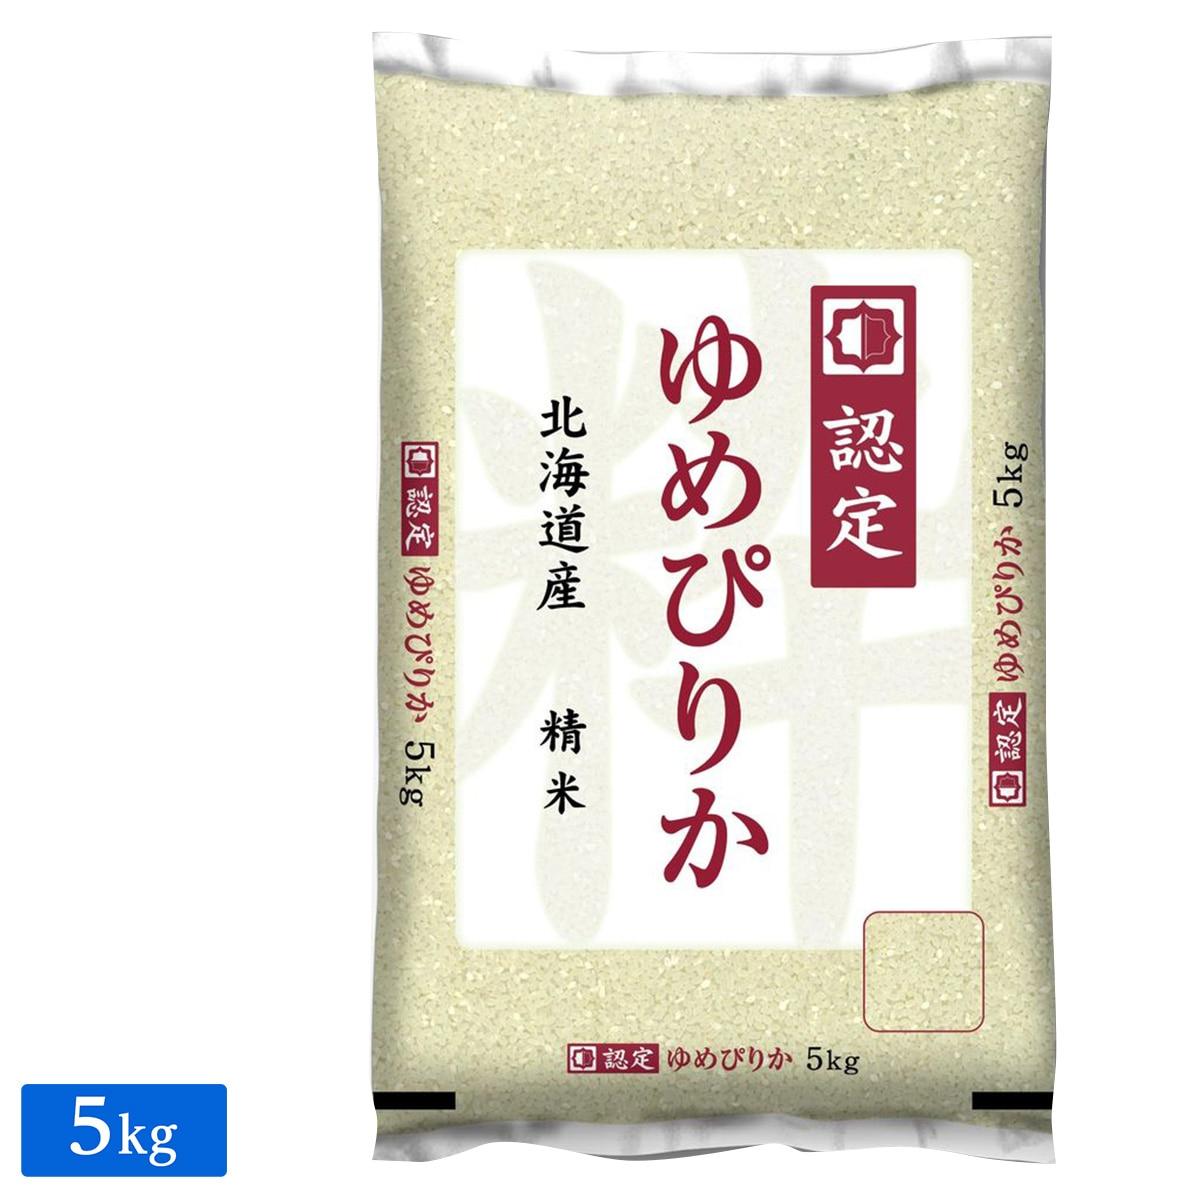 むらせライス ■【精米】令和元年産 北海道ゆめぴりか 5kg 25695